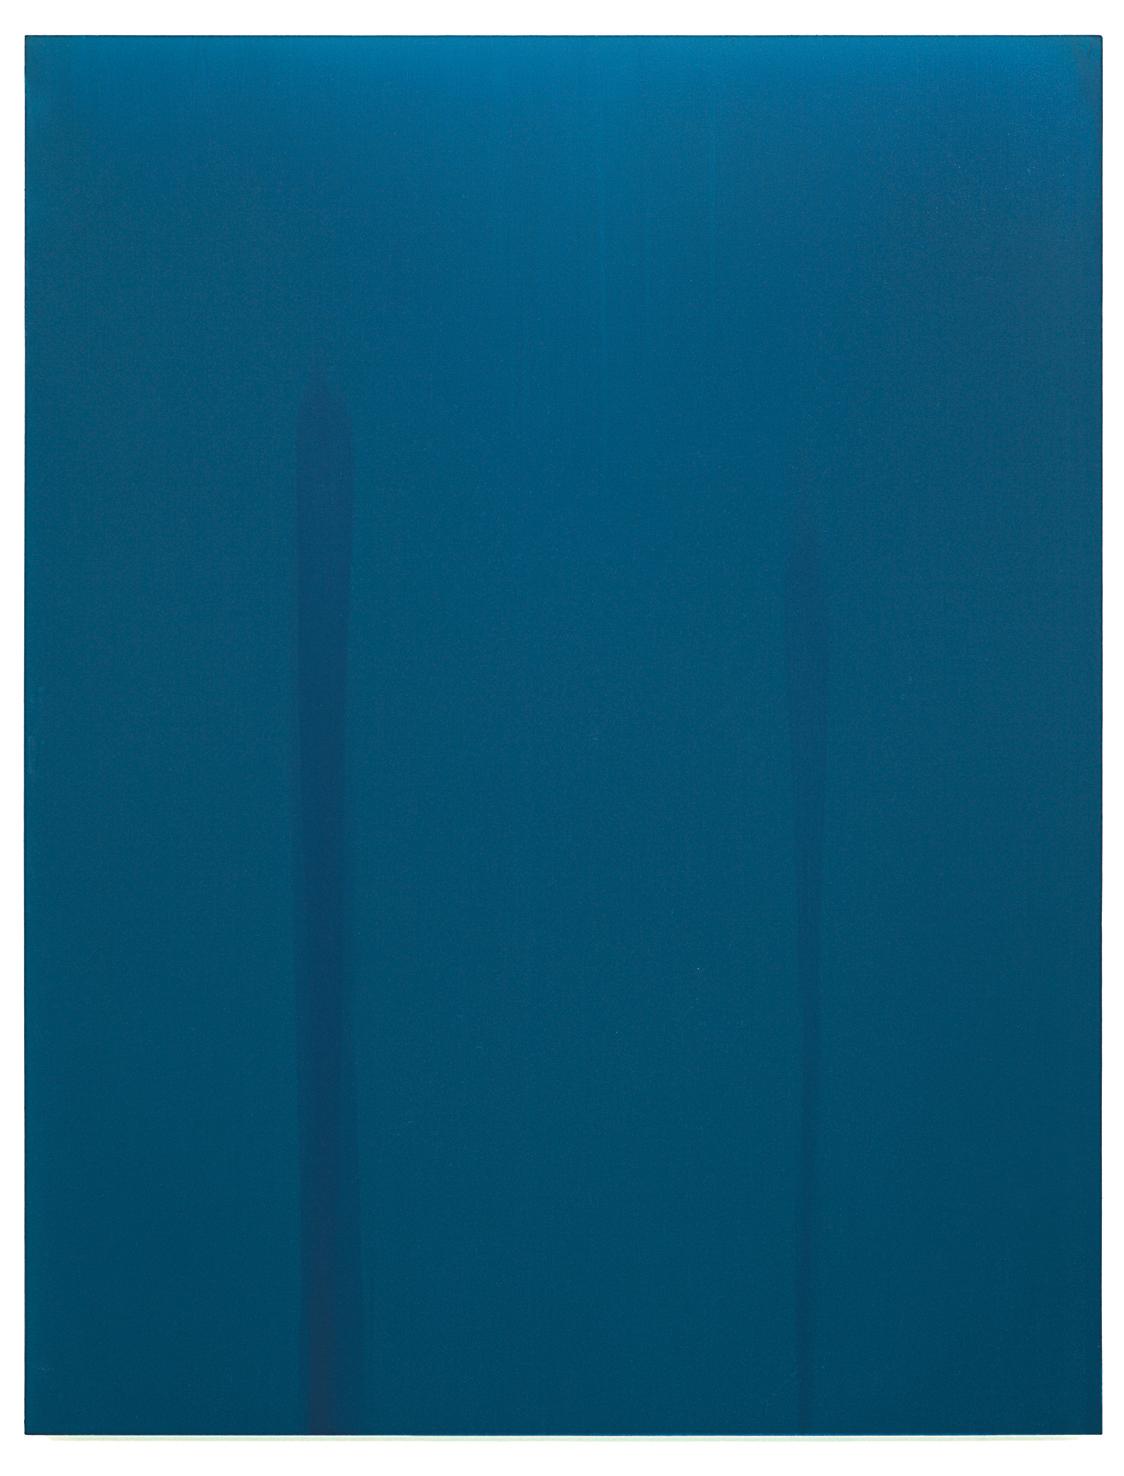 Luke HENG Blue on White no.2 2015 Oil on linen H150 x W115 xD5 cm